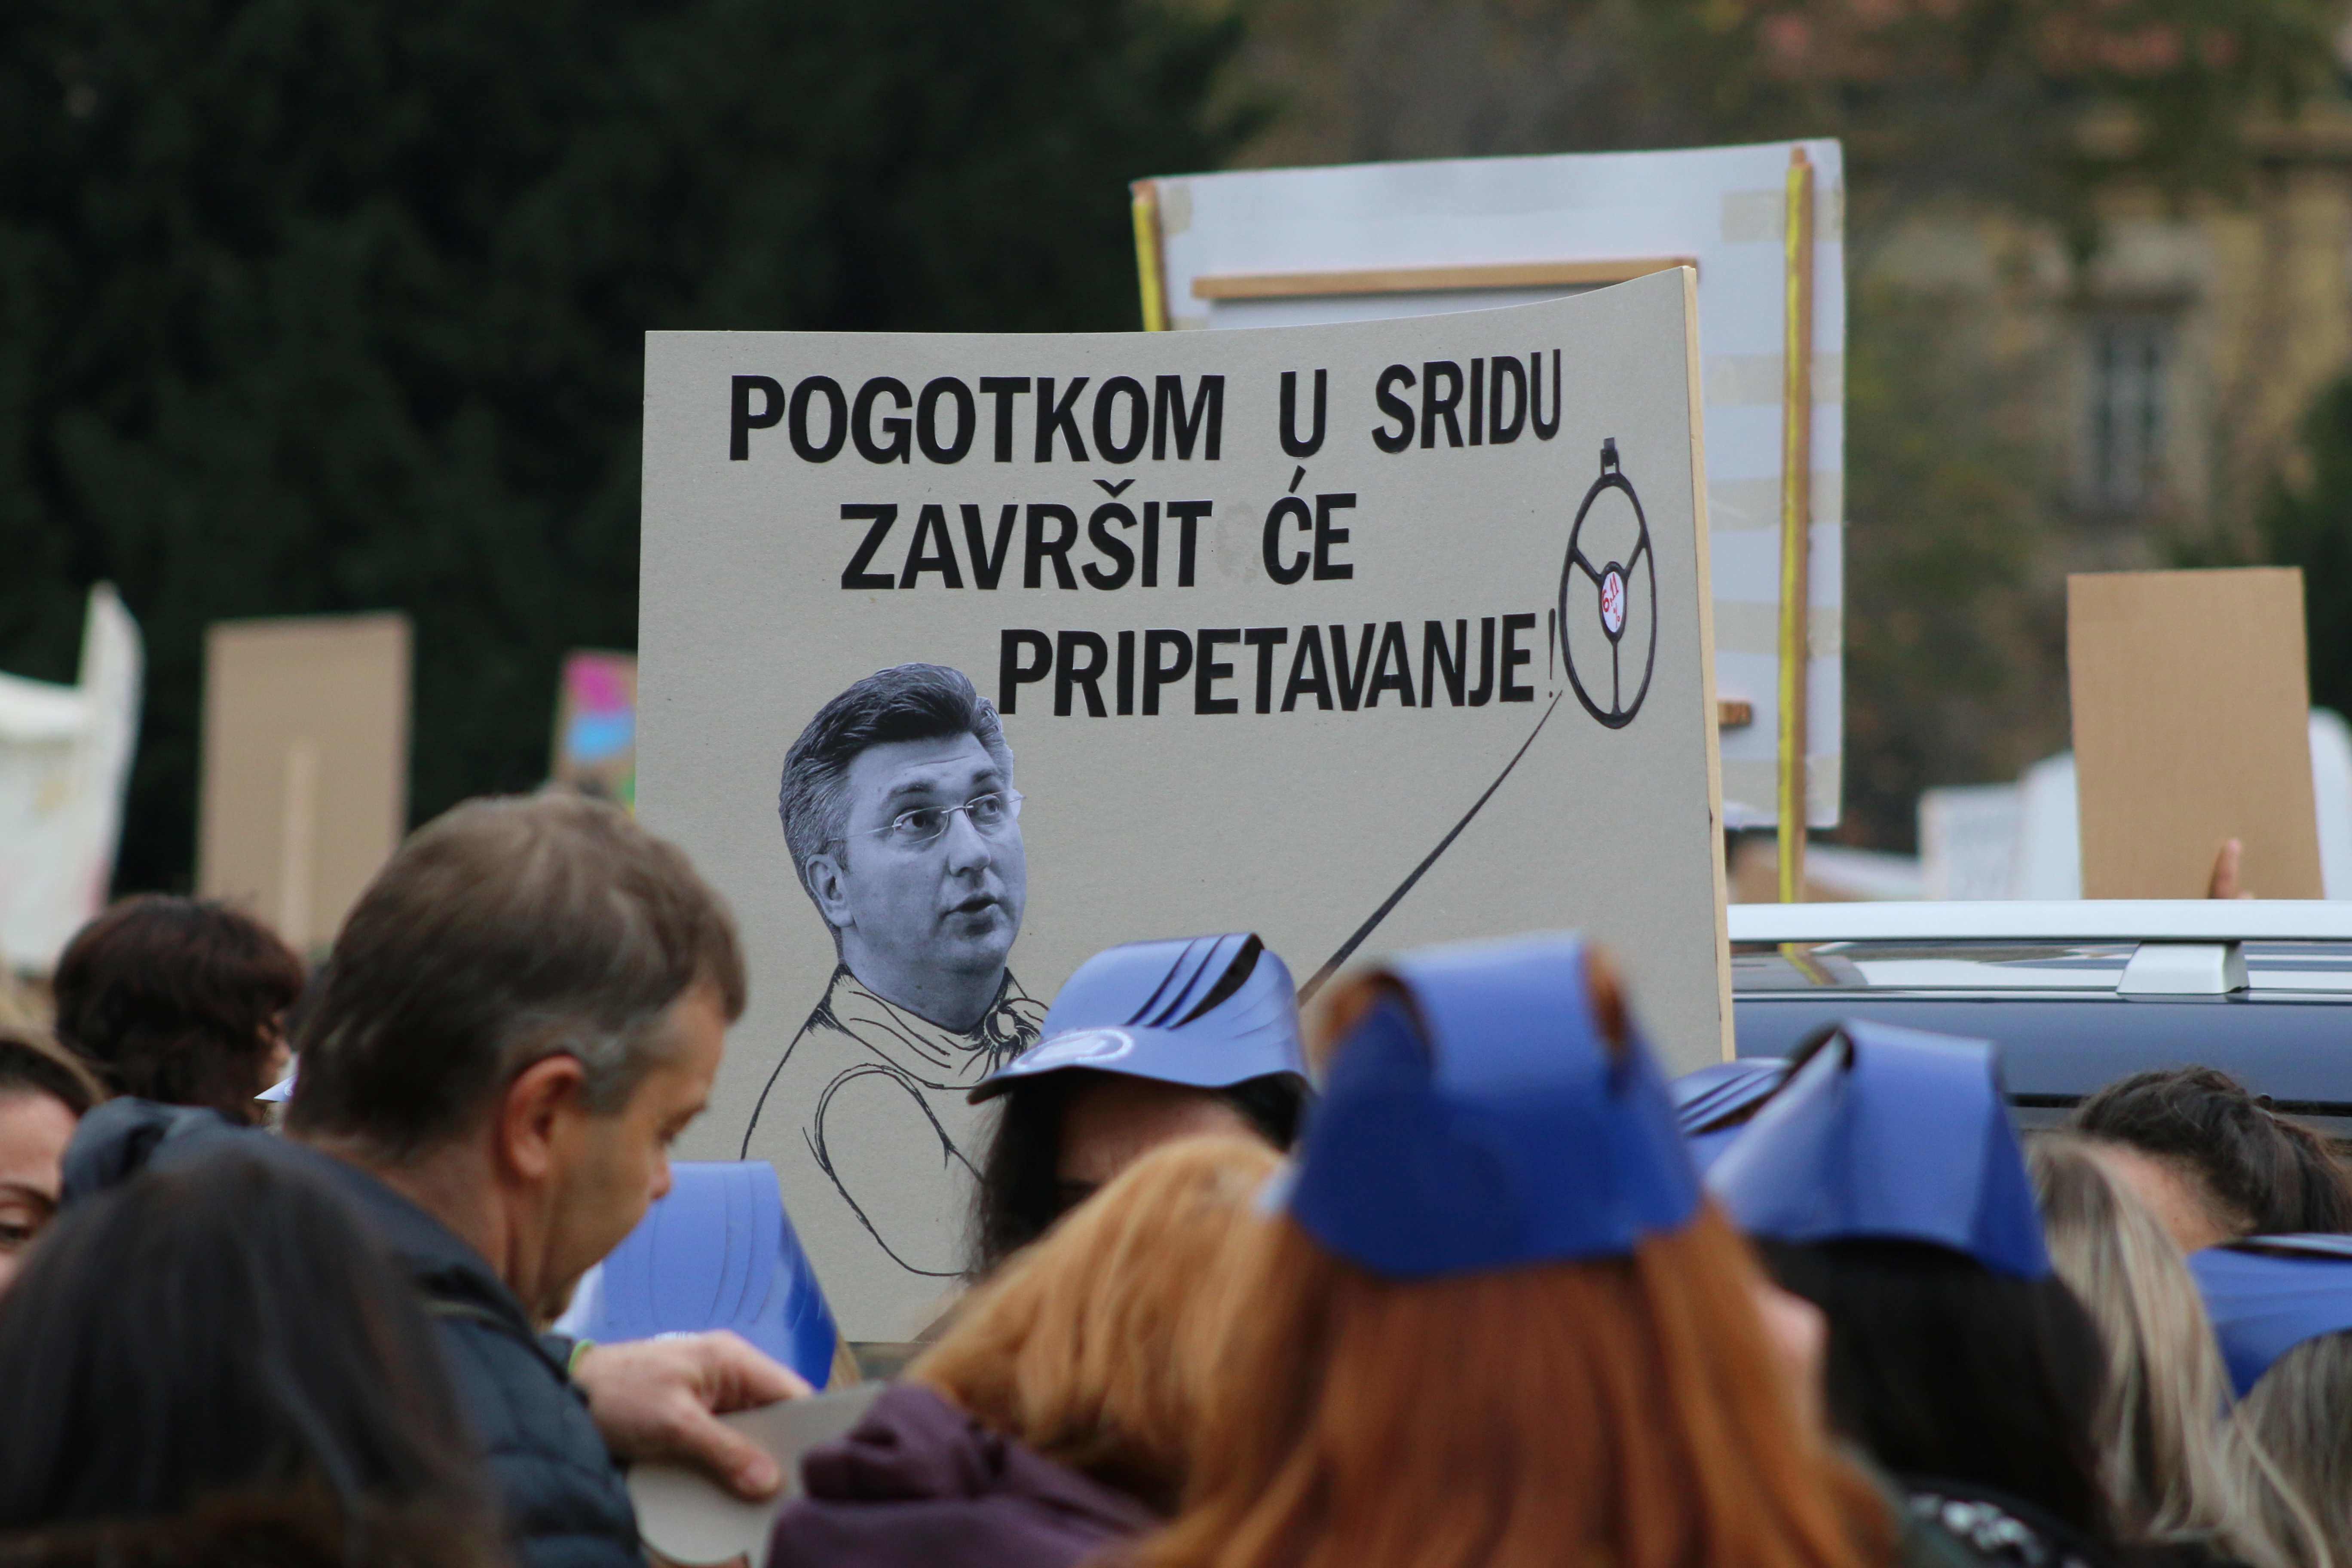 [UŽIVO] Završio sastanak sindikata i Vlade: Nema dogovora, štrajka se i sutra